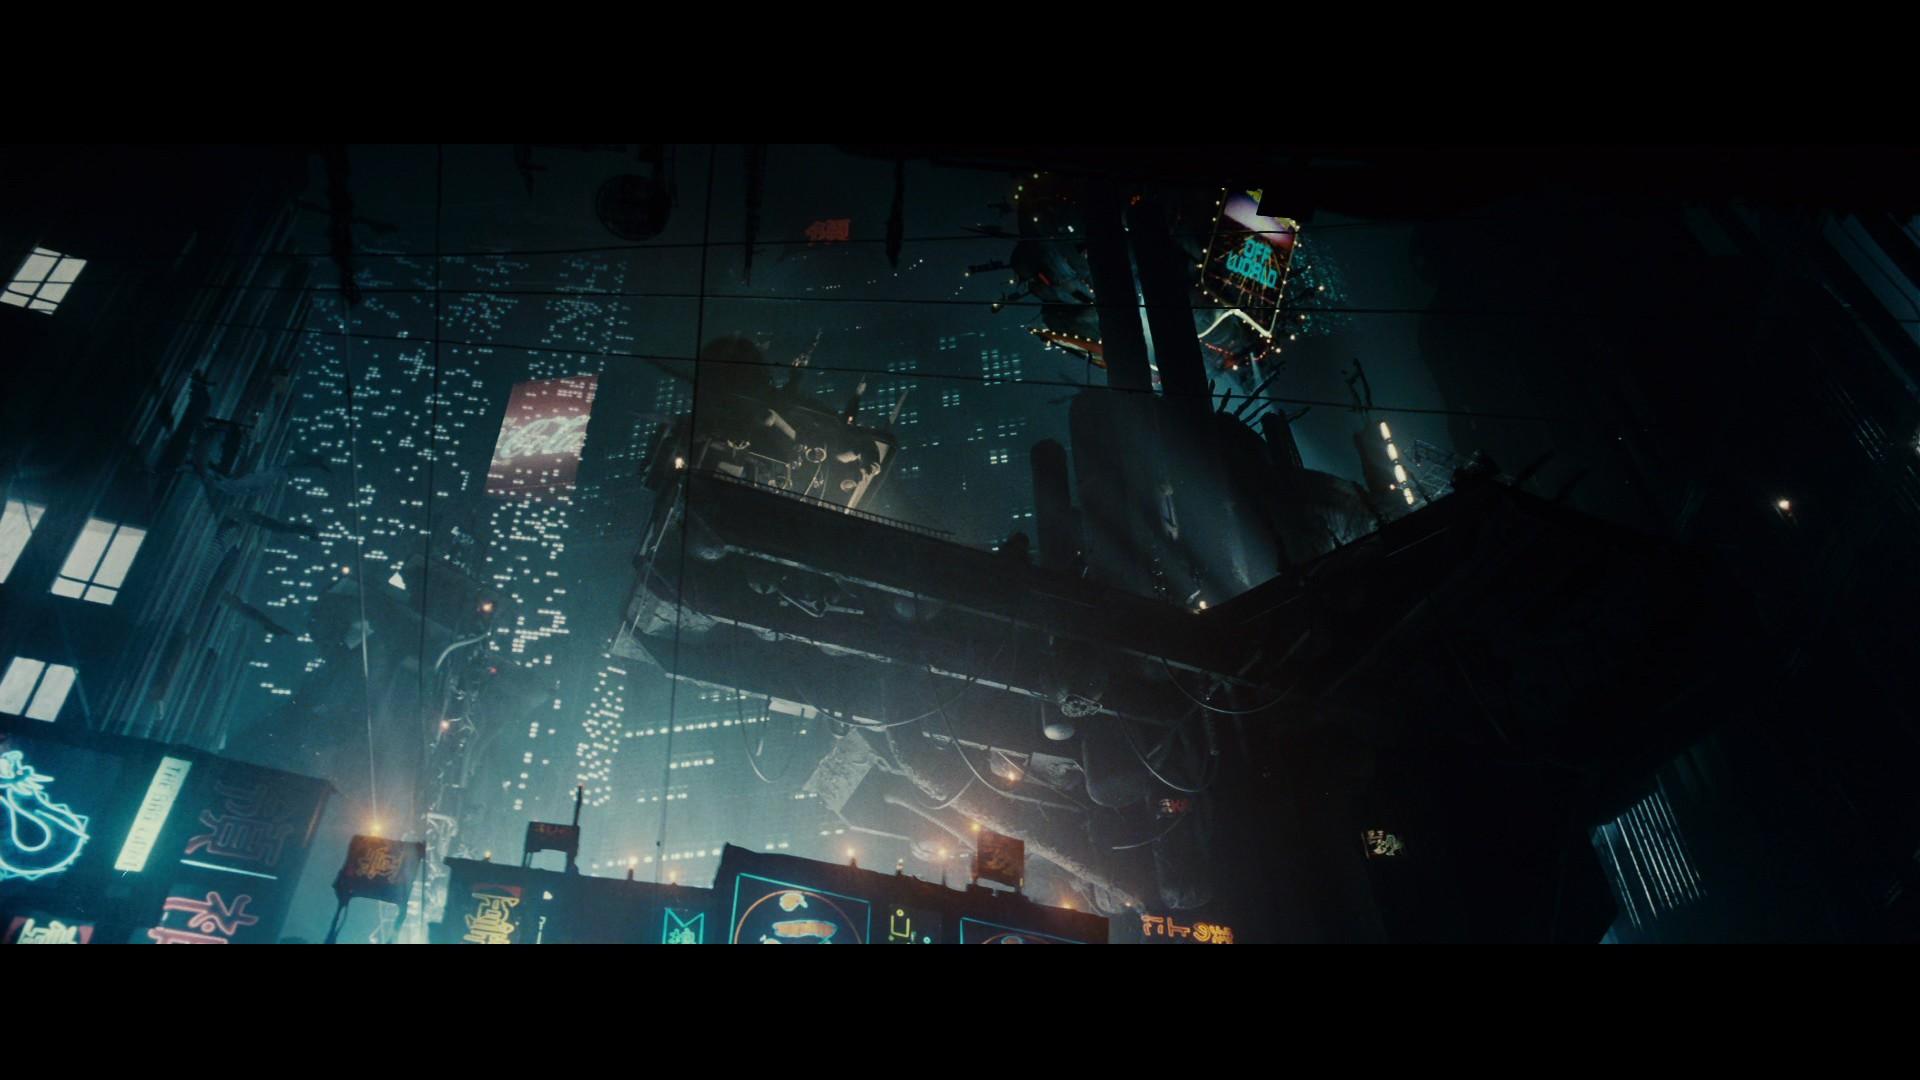 デスクトップ壁紙 映画 ブレードランナー 真夜中 ステージ 闇